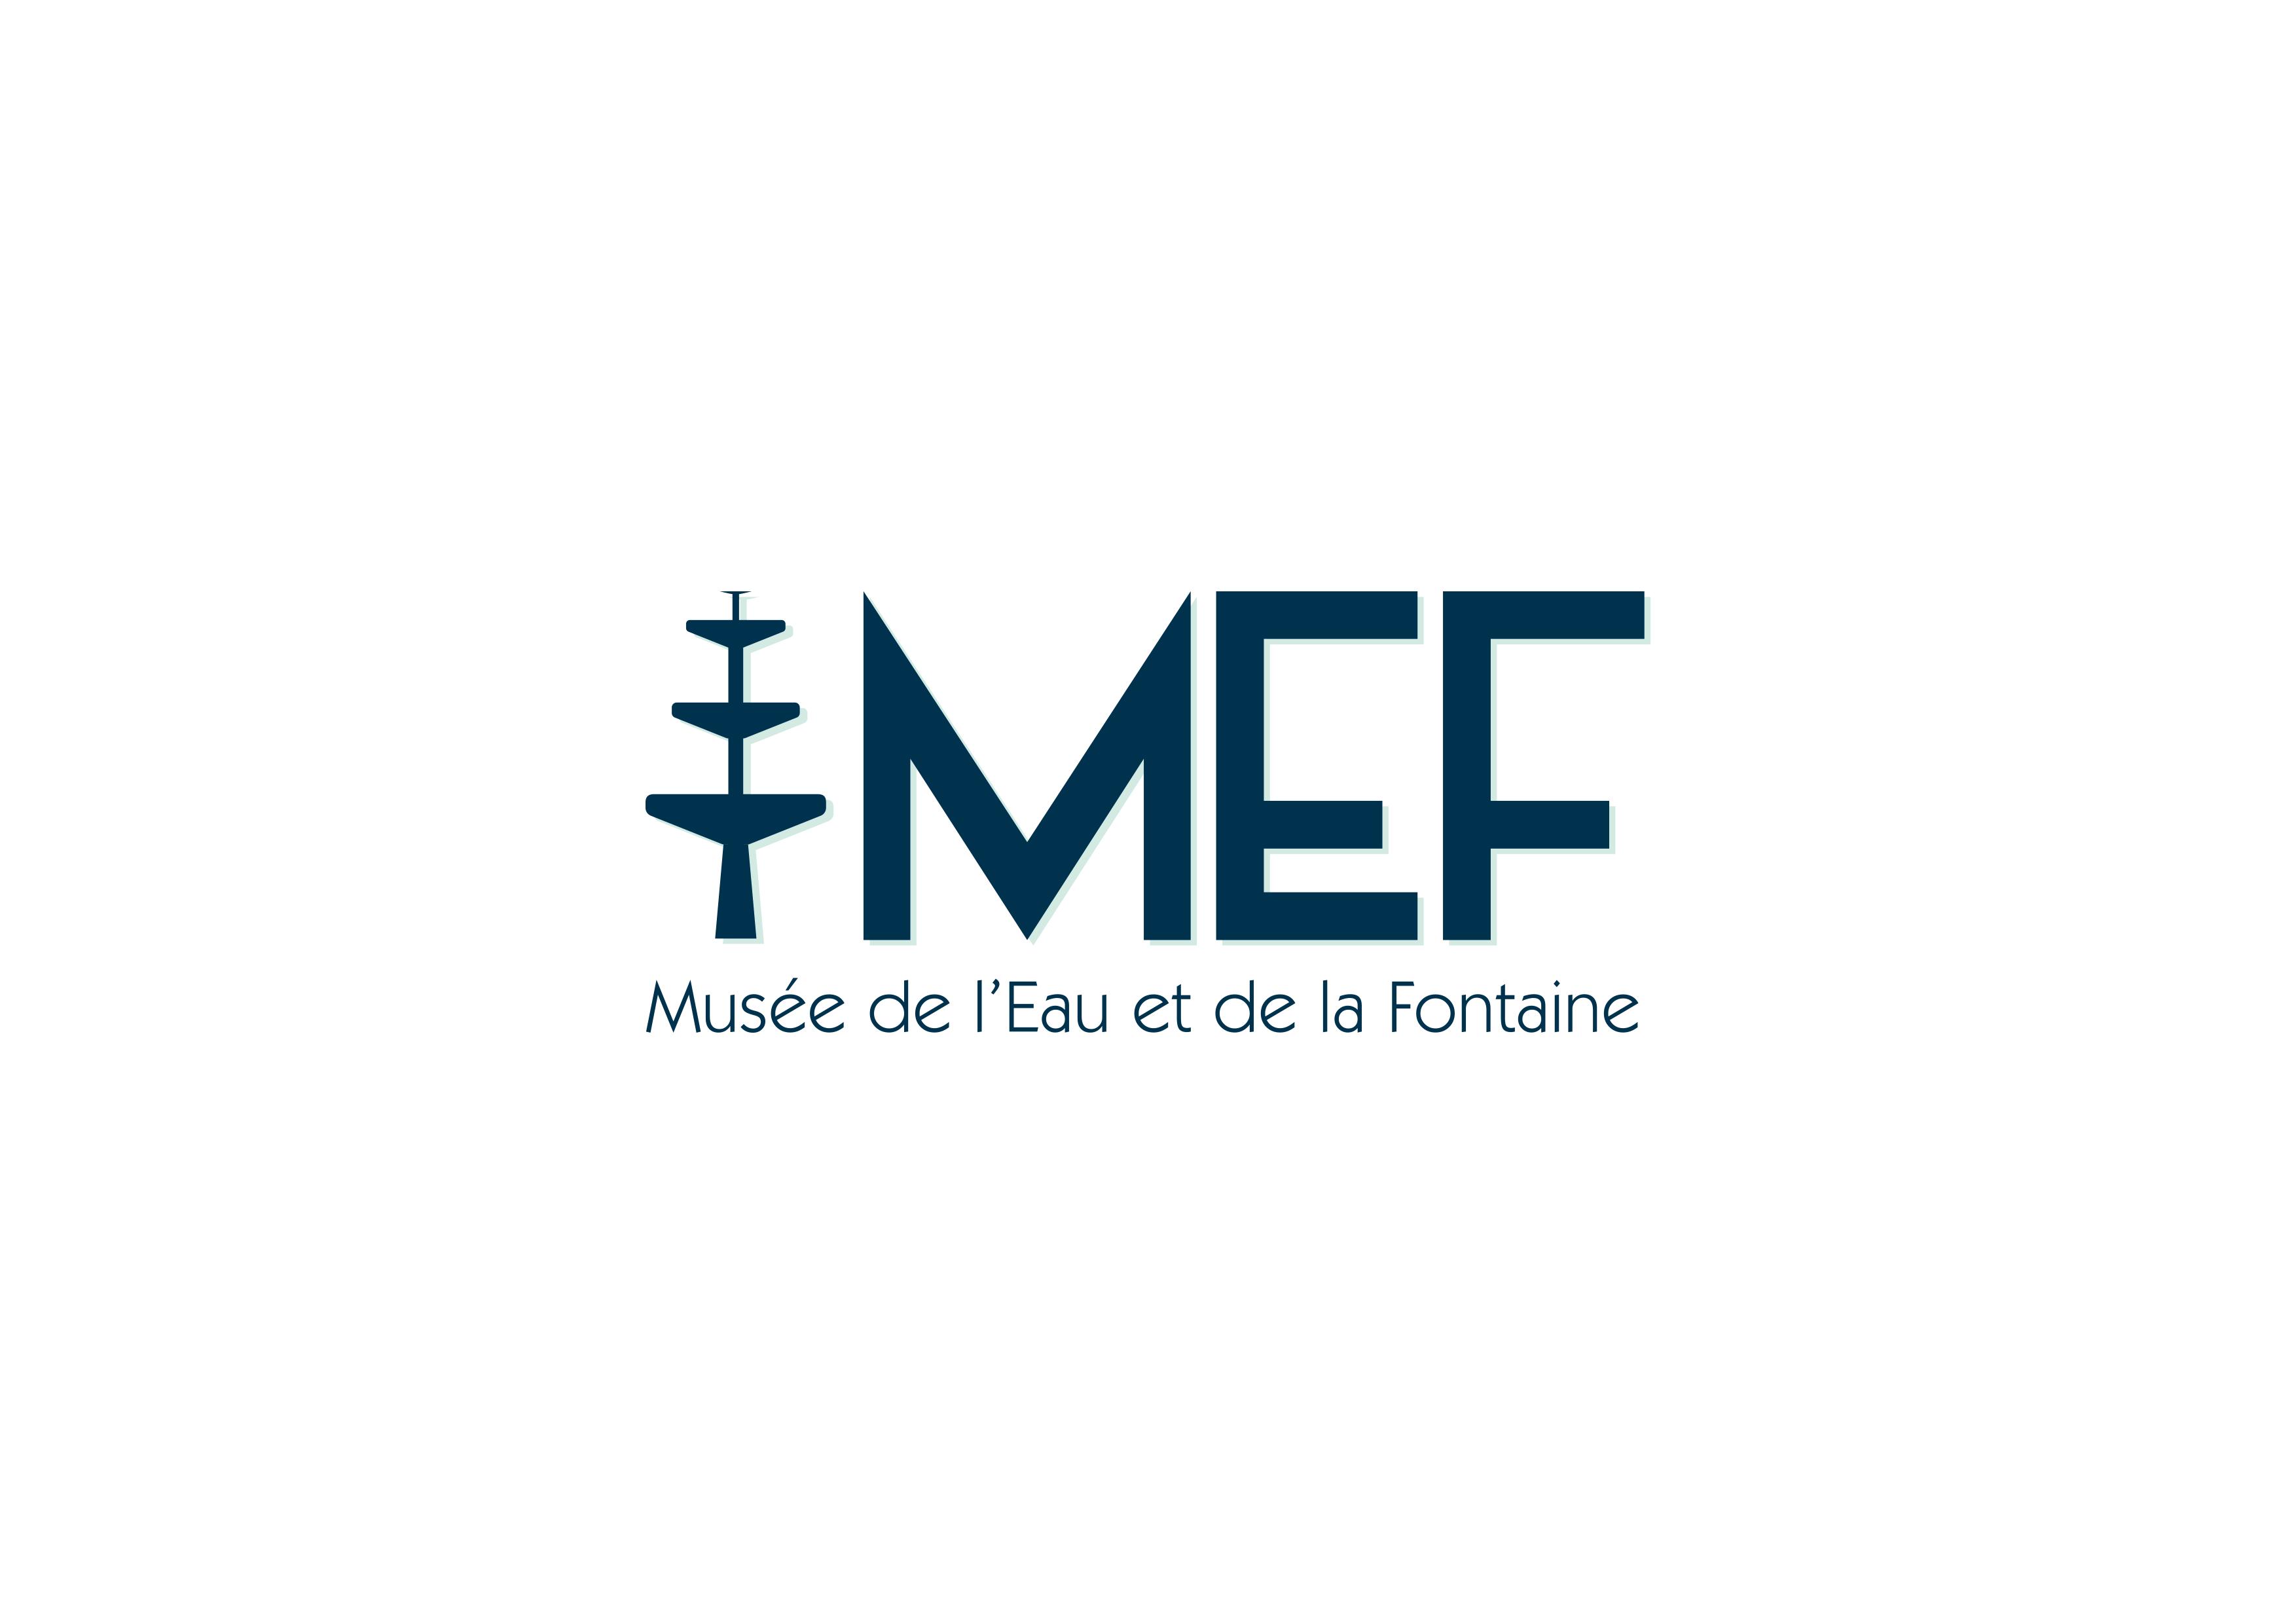 Musée de l'Eau et de la Fontaine logo